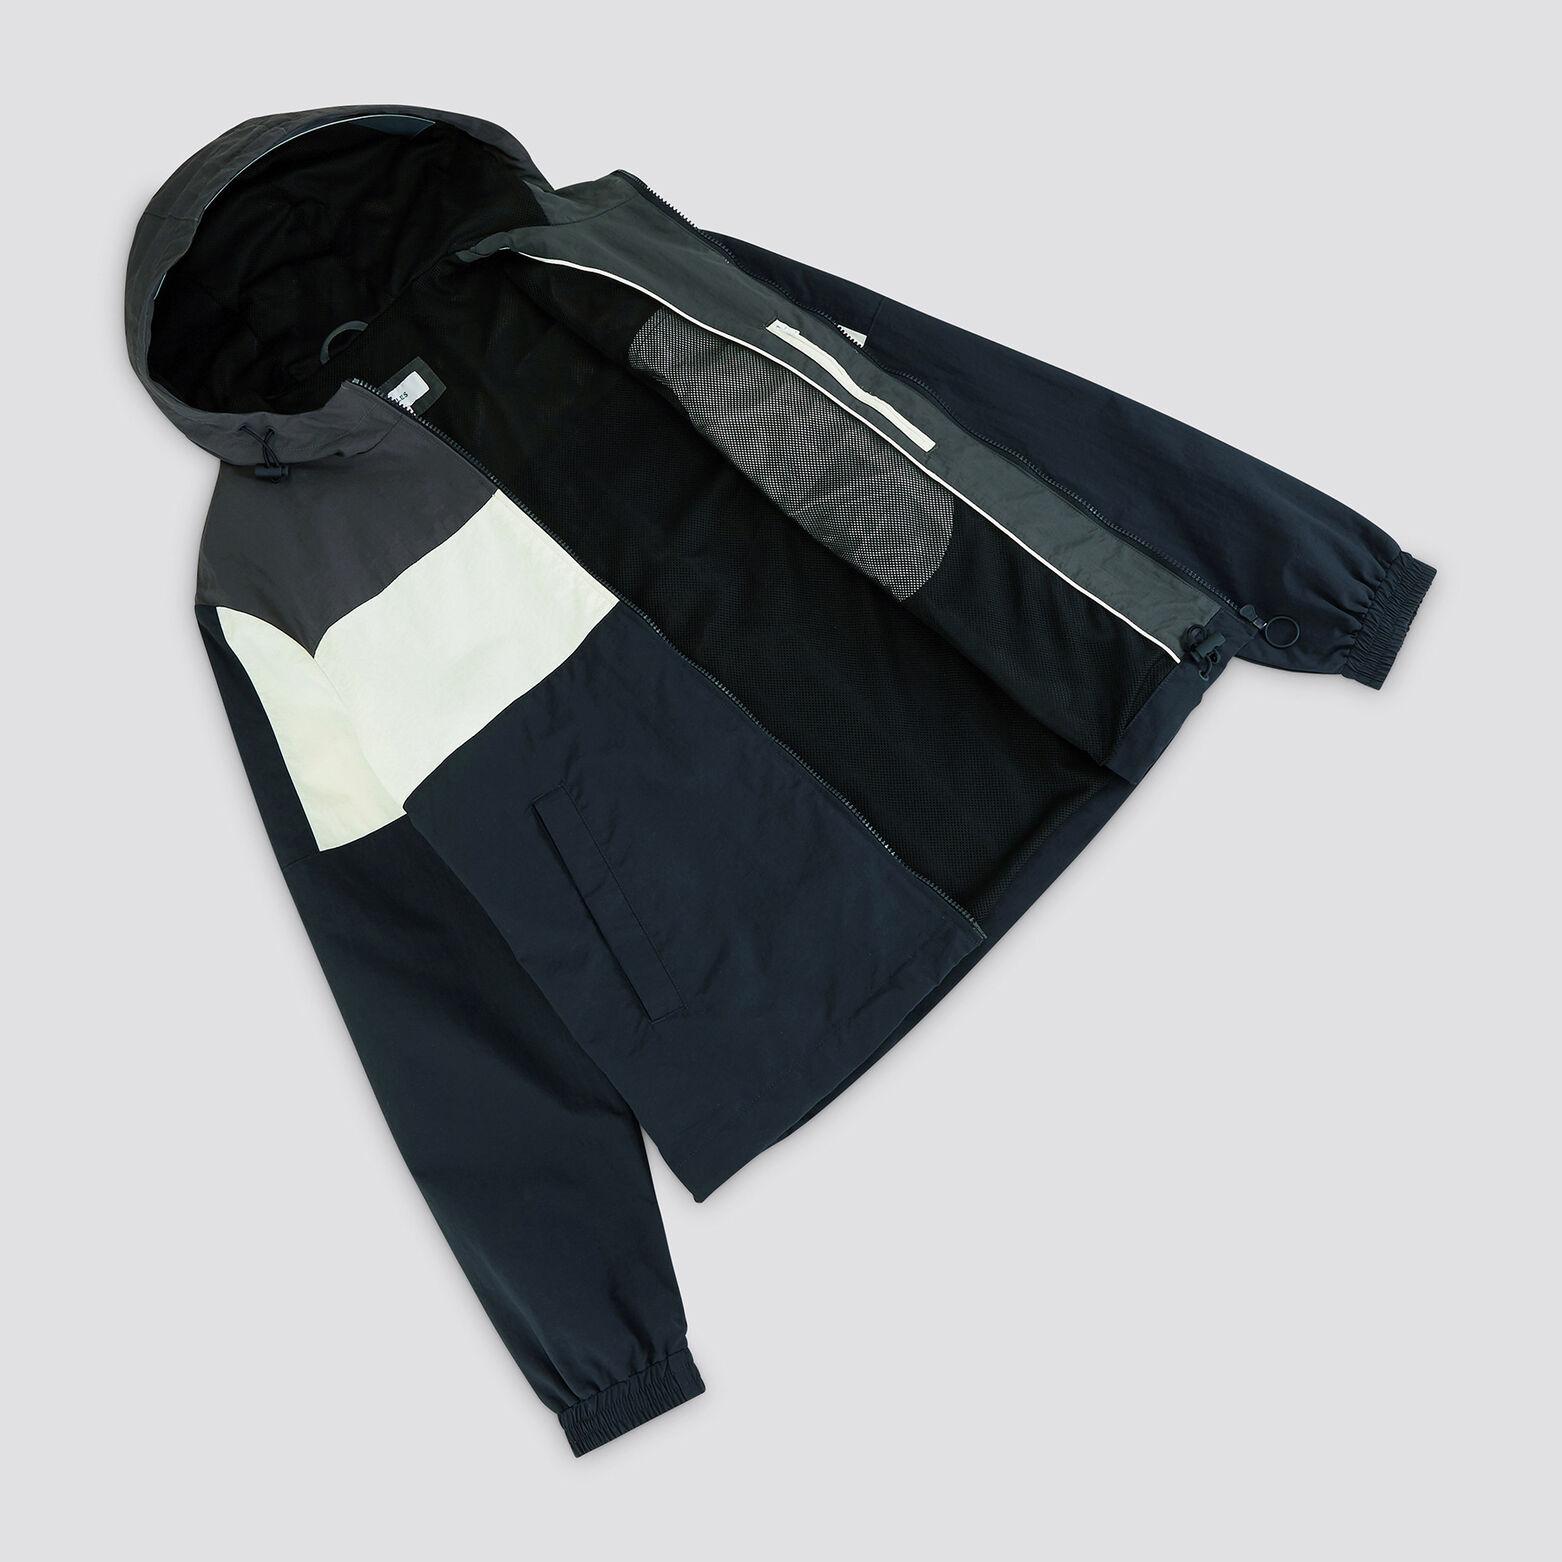 Blouson nylon colorblock à capuche